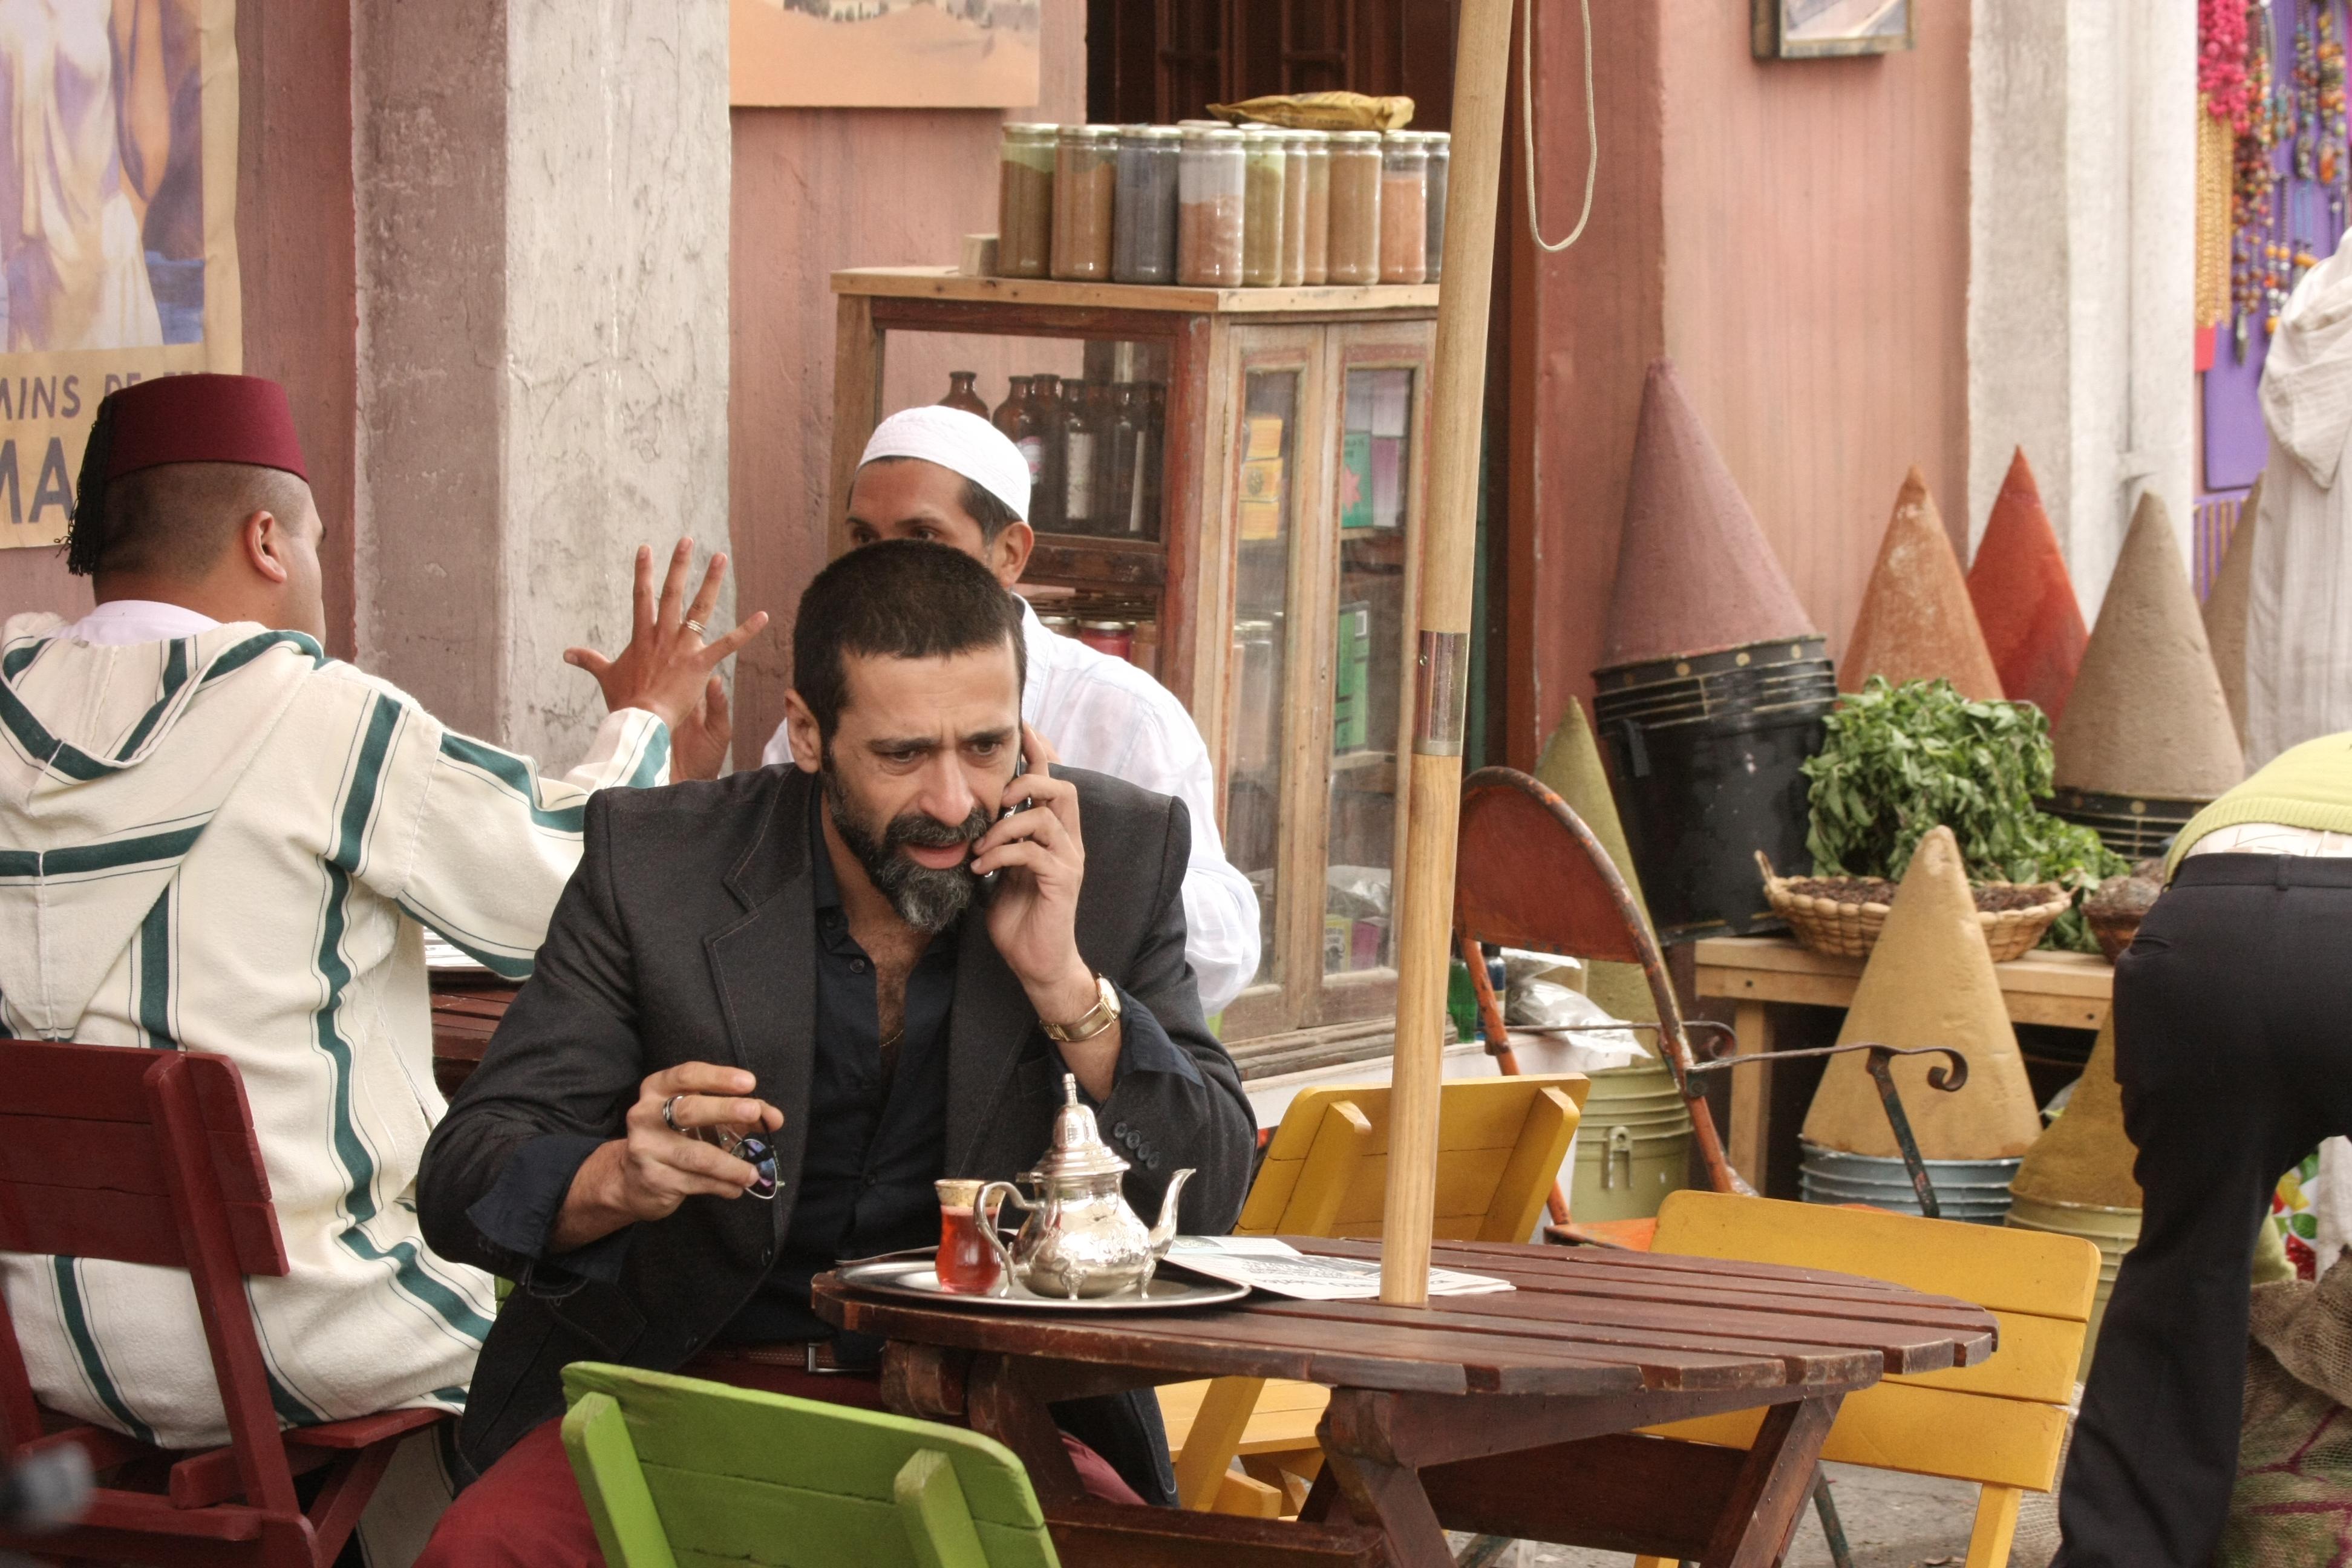 Café_marroqui-montaje_calles_Bogotá